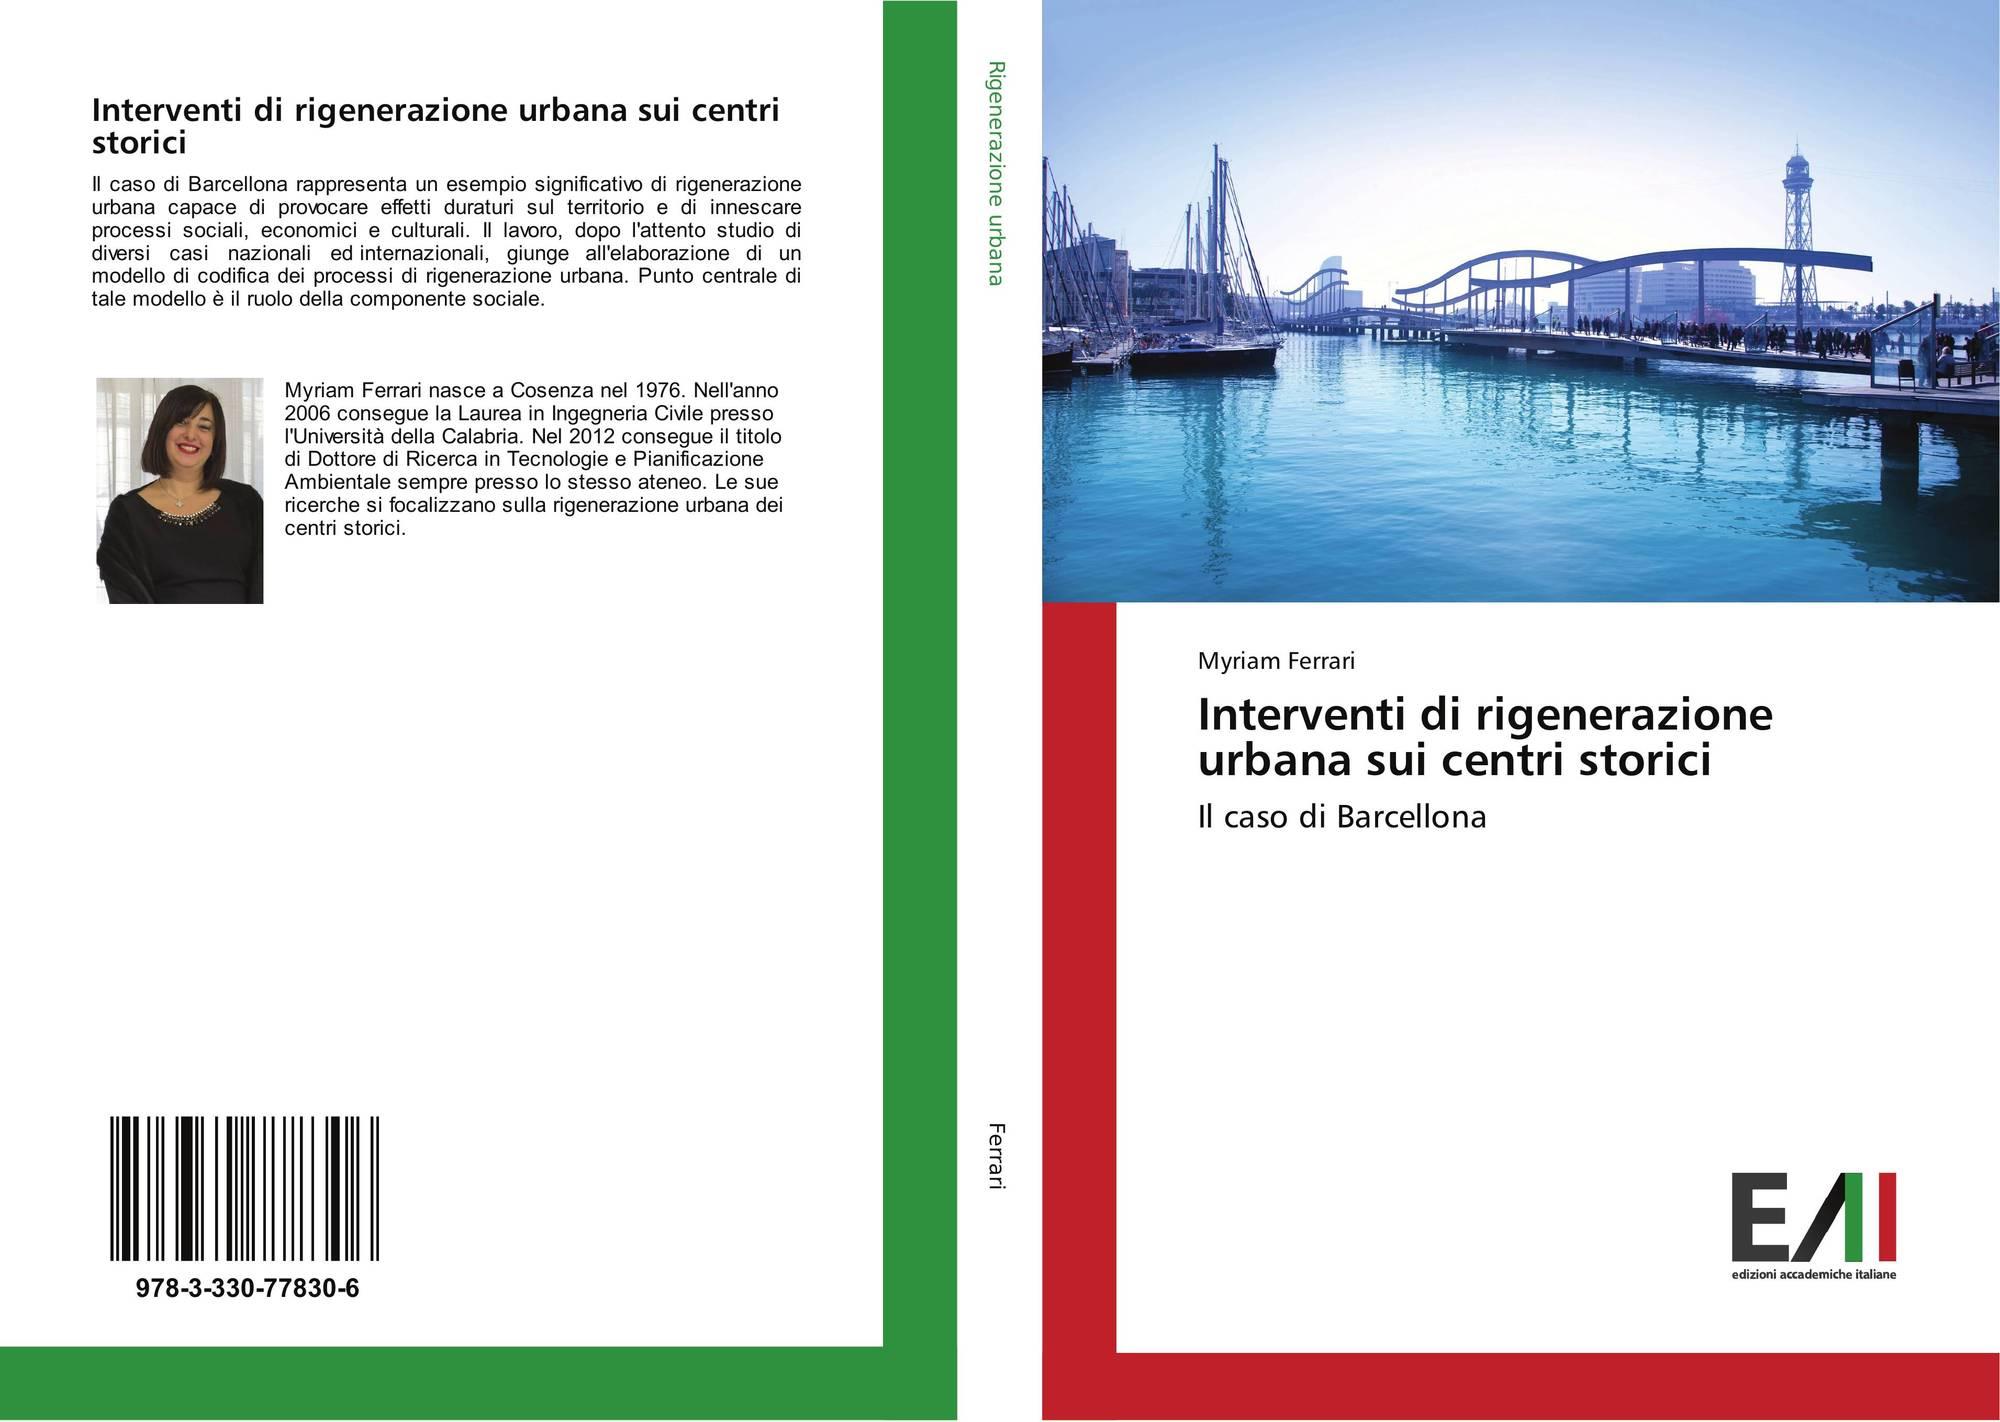 six treatment interventi pdf - HD2000×1422